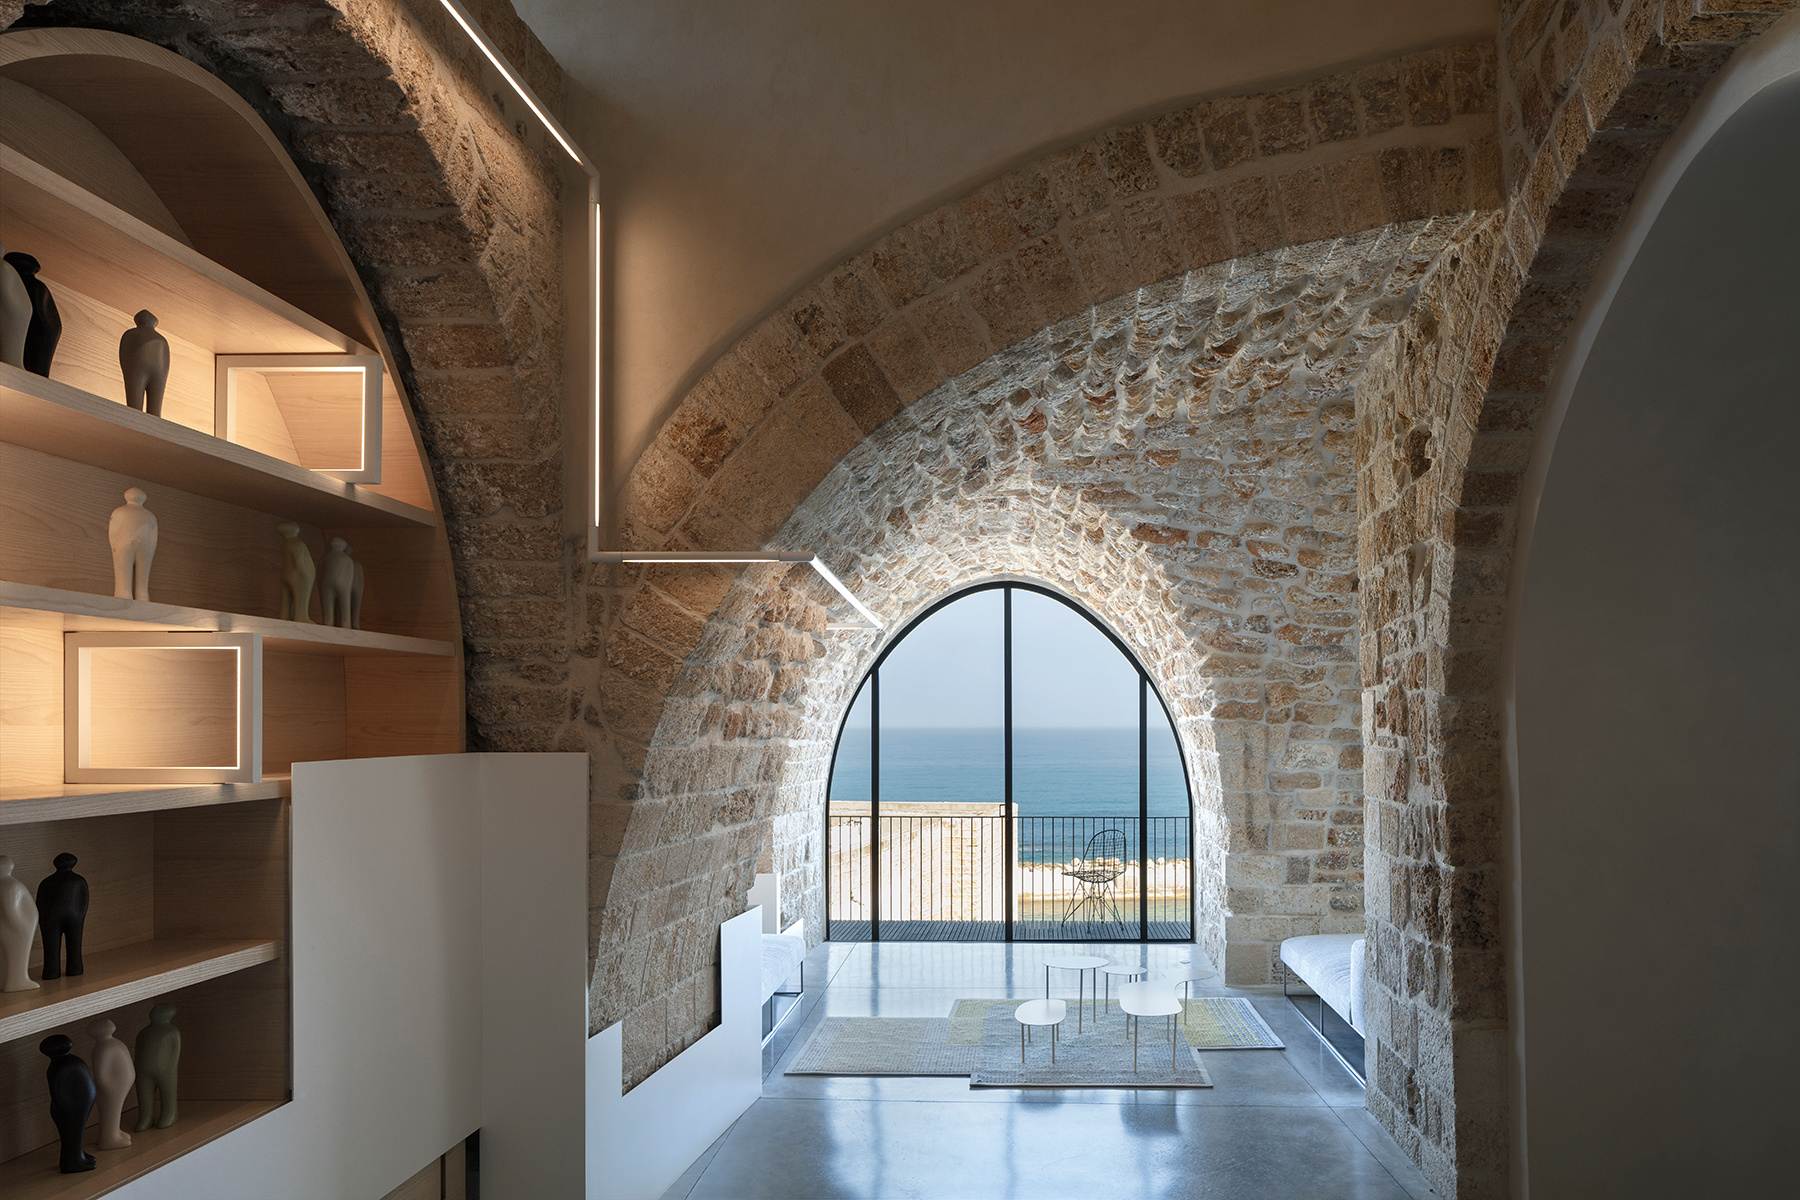 מפגש בין אדריכלות עות'מנית לעכשווית, ביפו / פיצו קדם